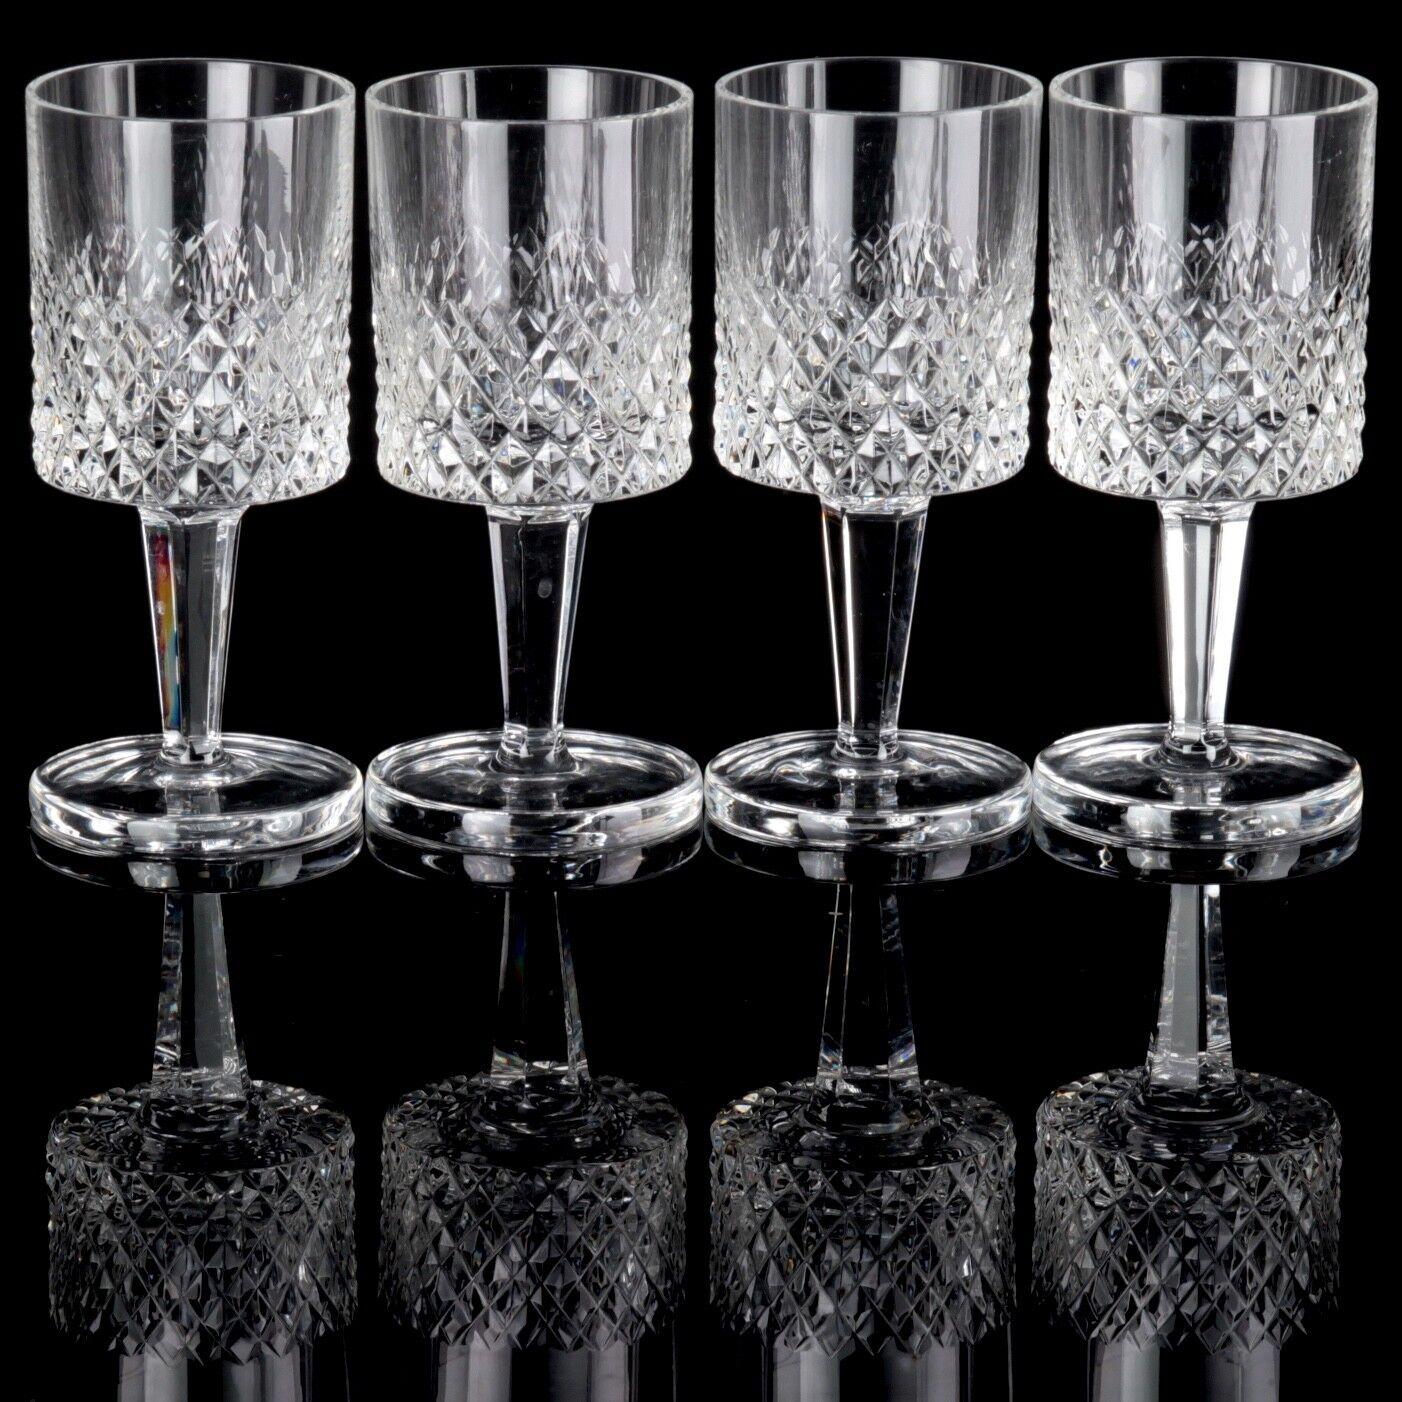 4 Weingläser 13,5 cm Barthmann DGoldtheenhütte Diamant Bleikristall Waffel 60er